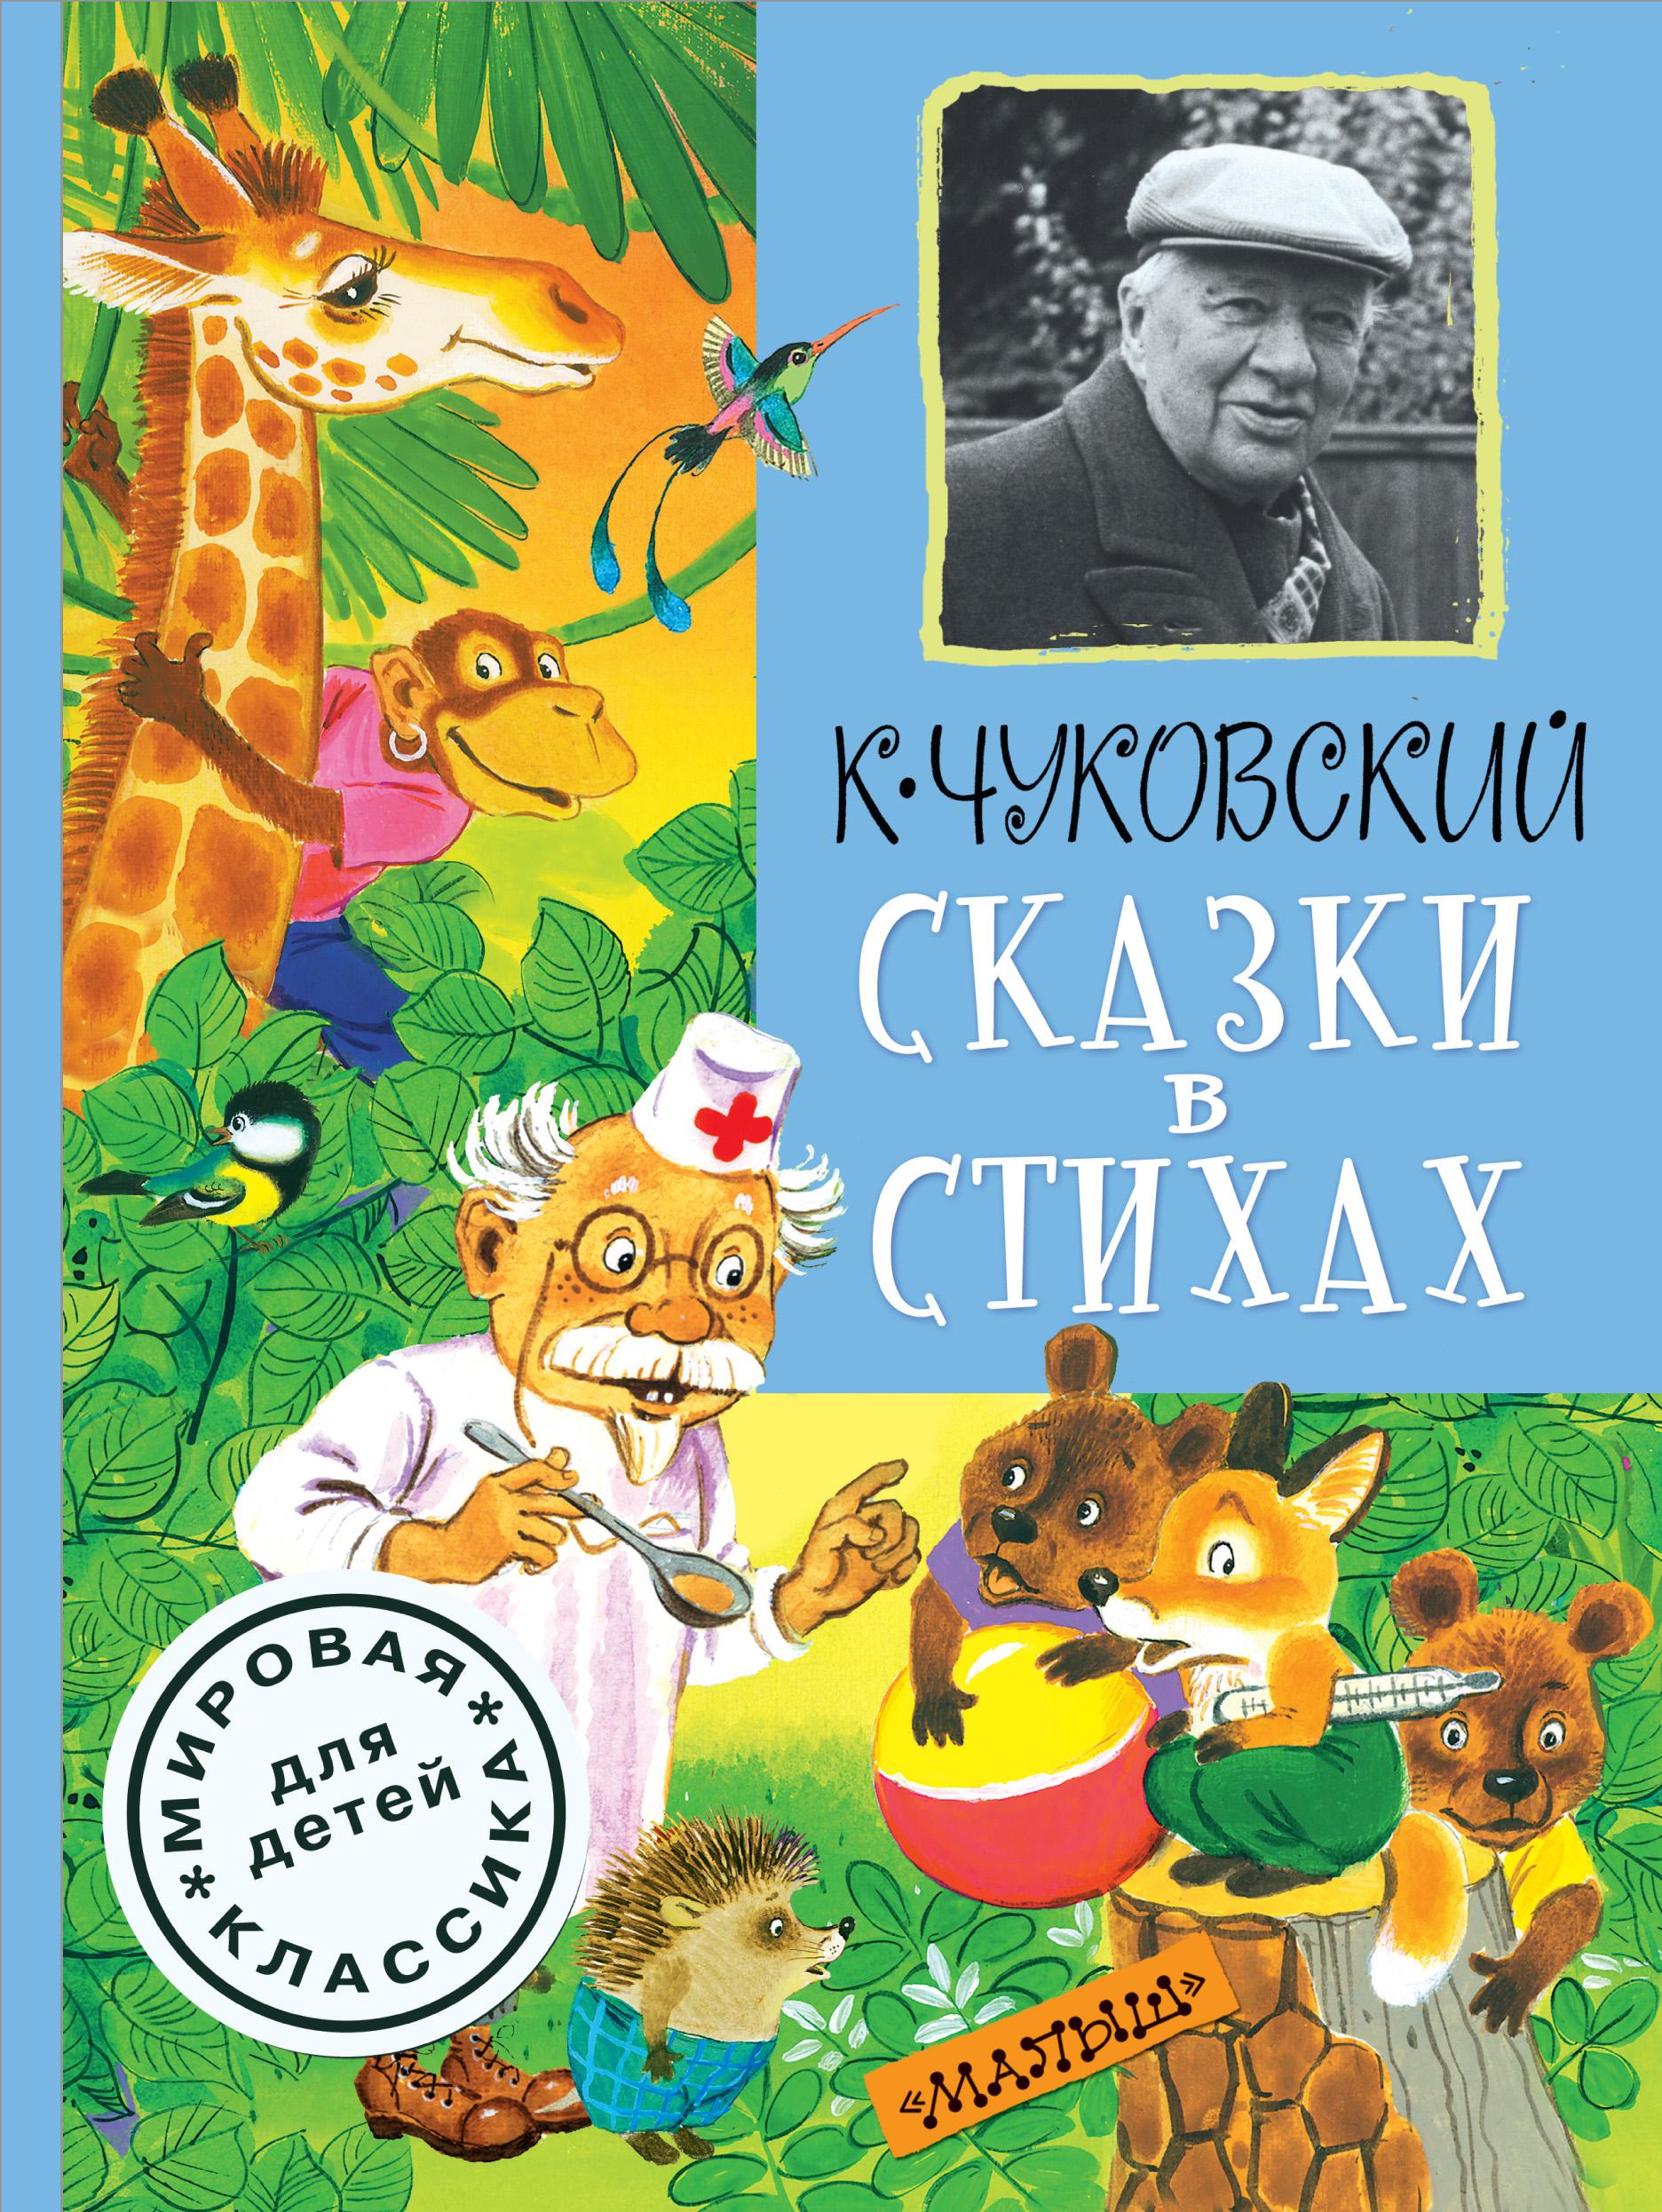 Чуковский К.И. Сказки в стихах книги издательство аст чудесные сказки в стихах